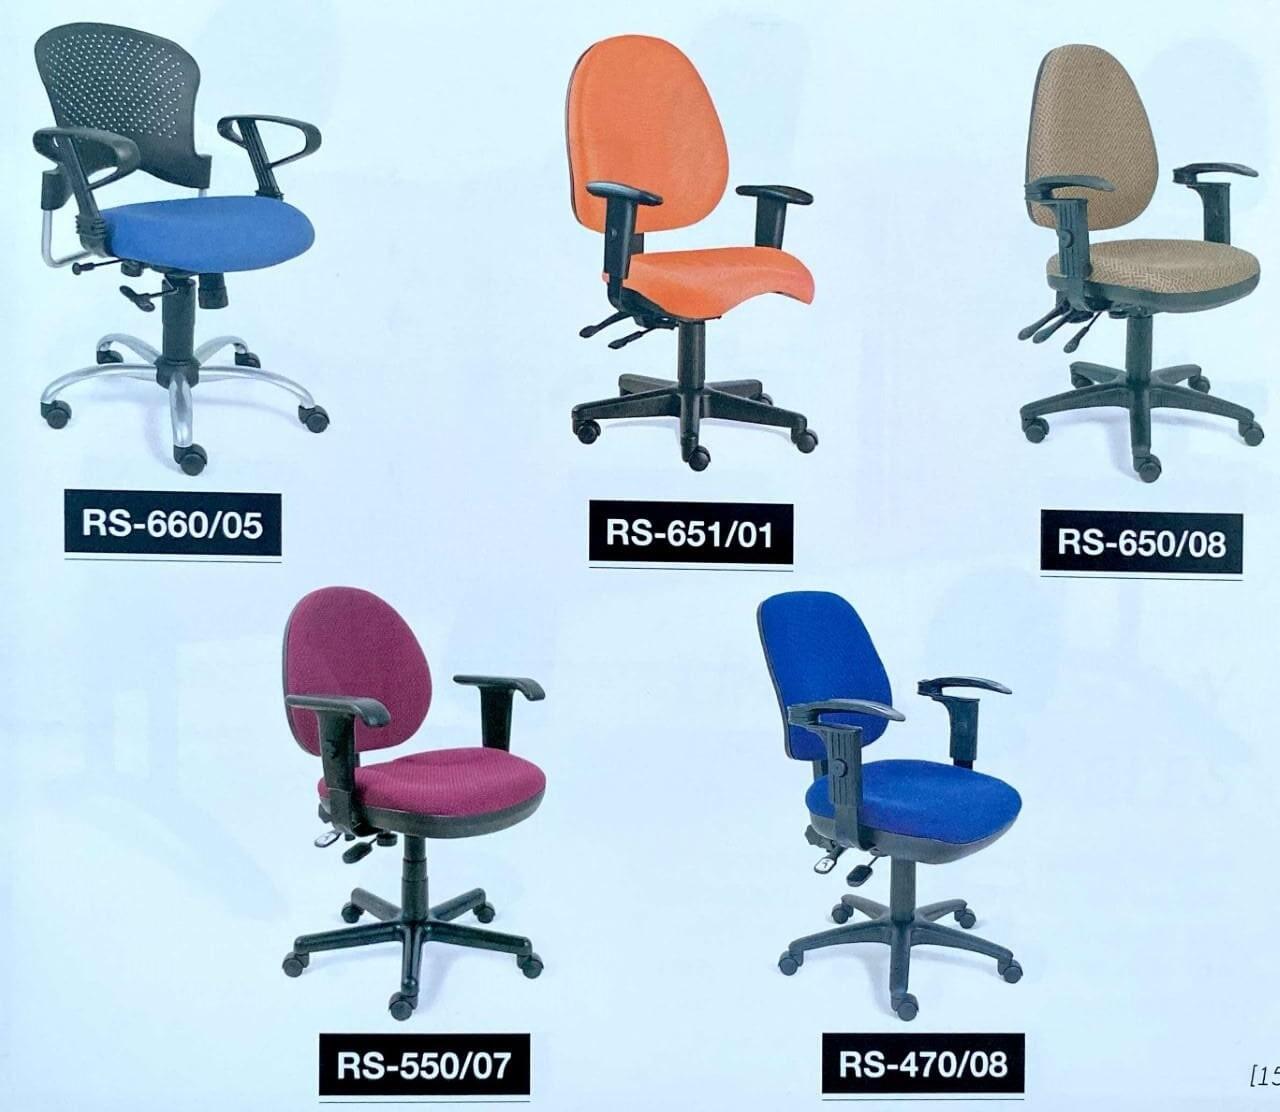 EQUIPOS DE OFICINA GB SA DE CV - sillas para oficina